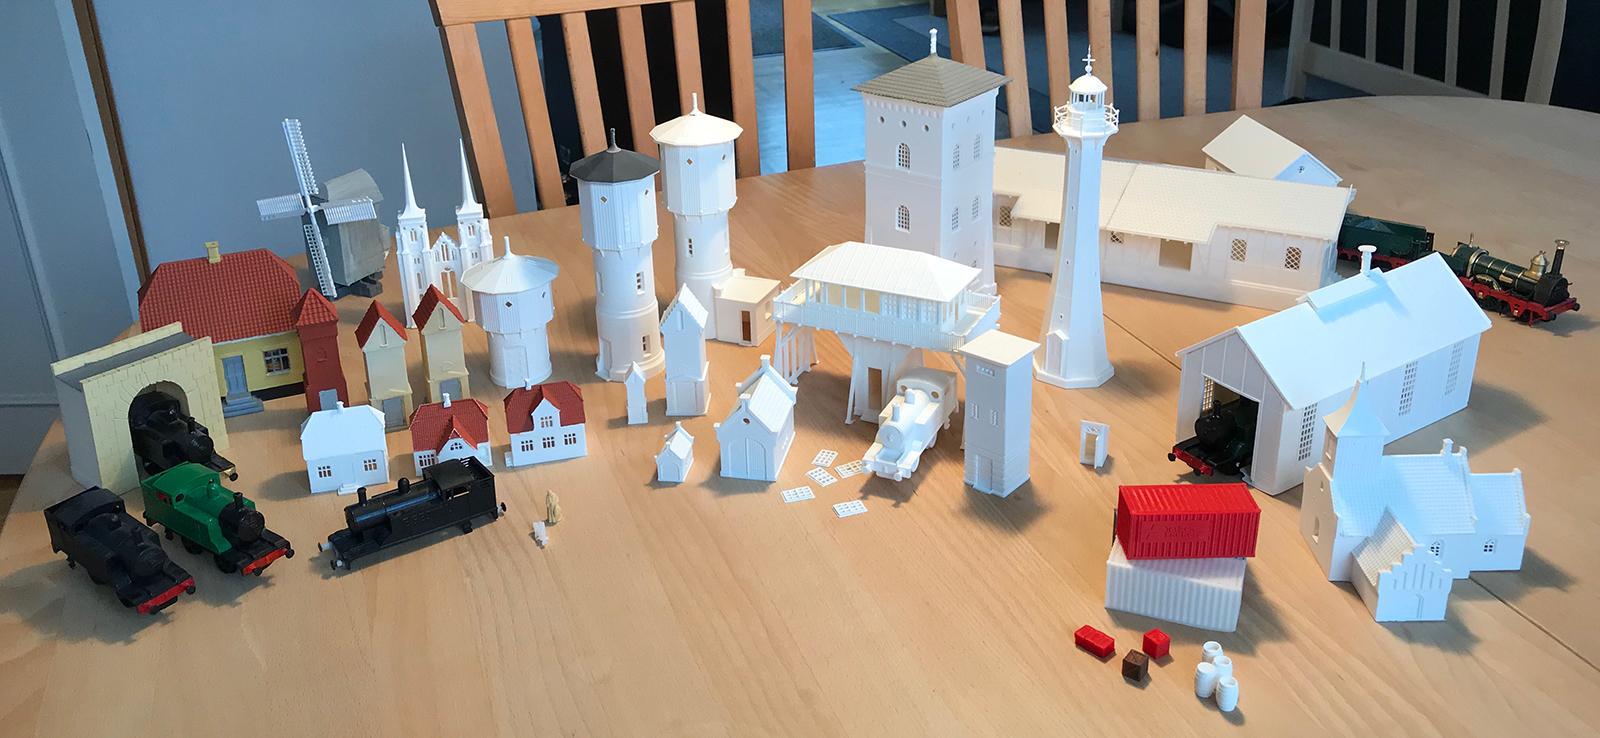 bygninger_modeltog